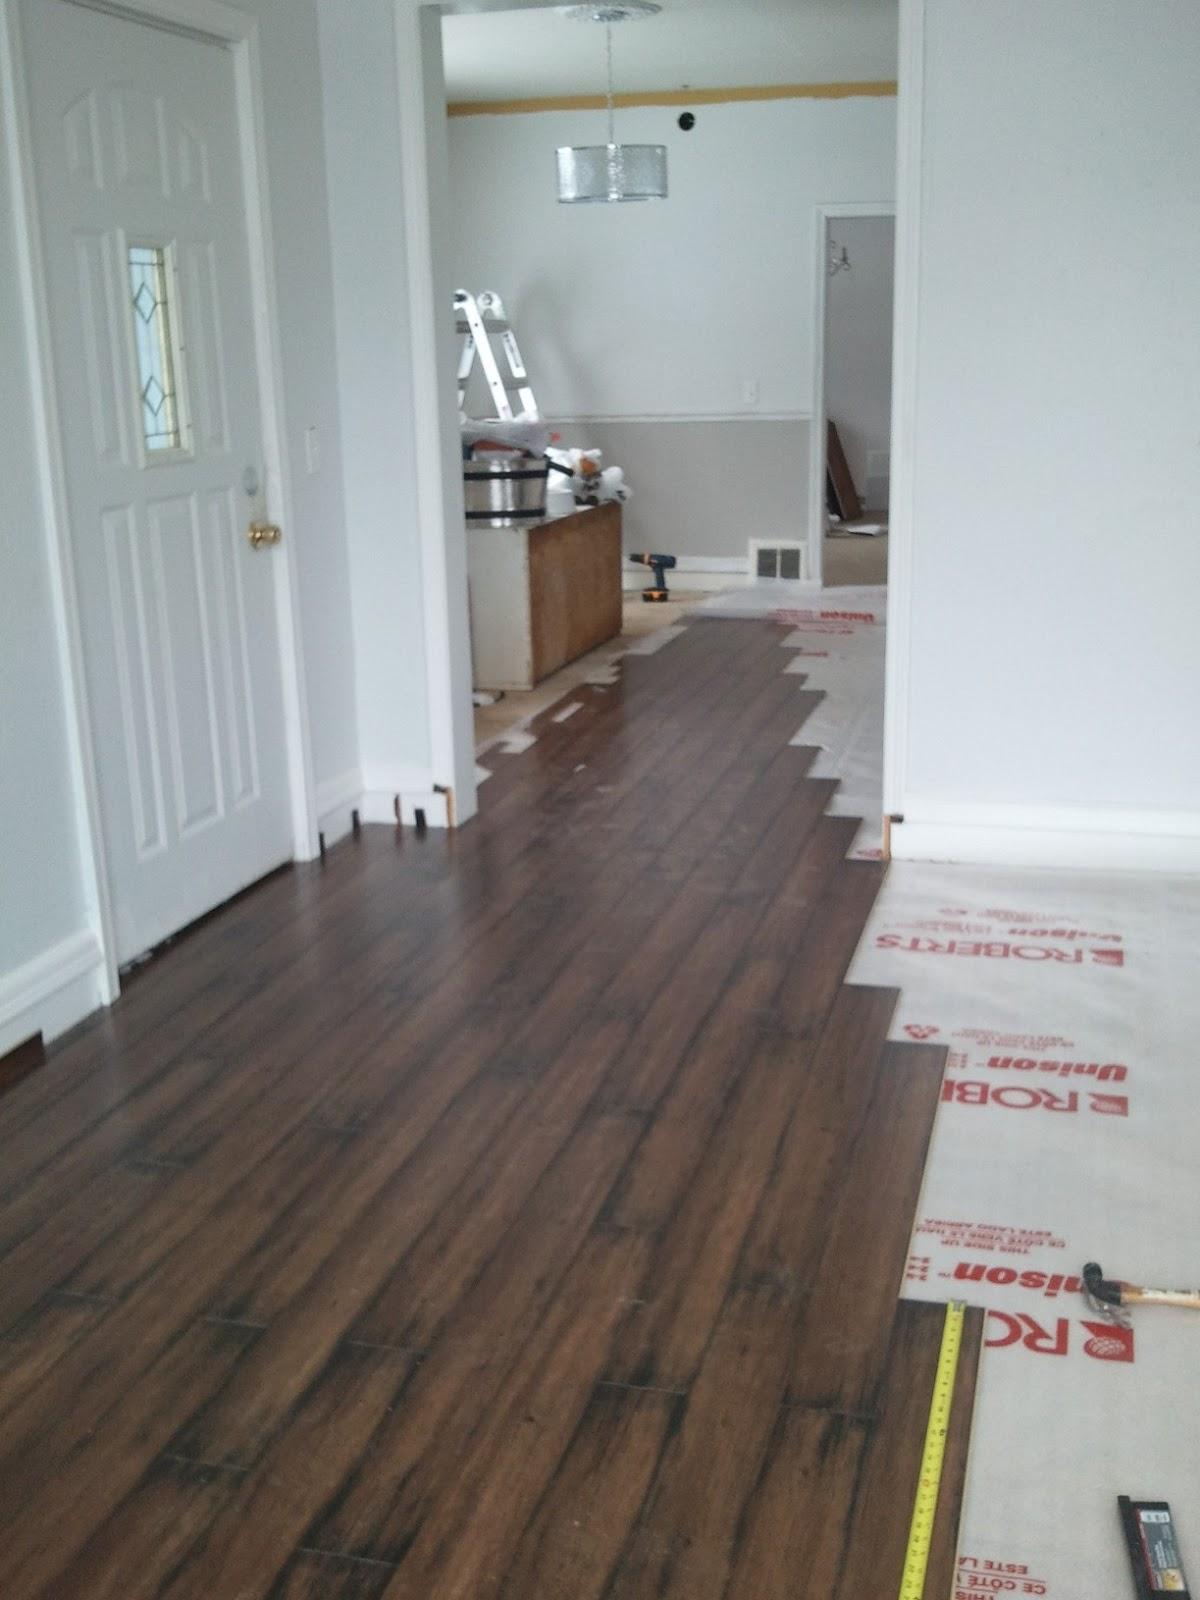 Painted Hardwood Floors Living Room 1200 x 1600